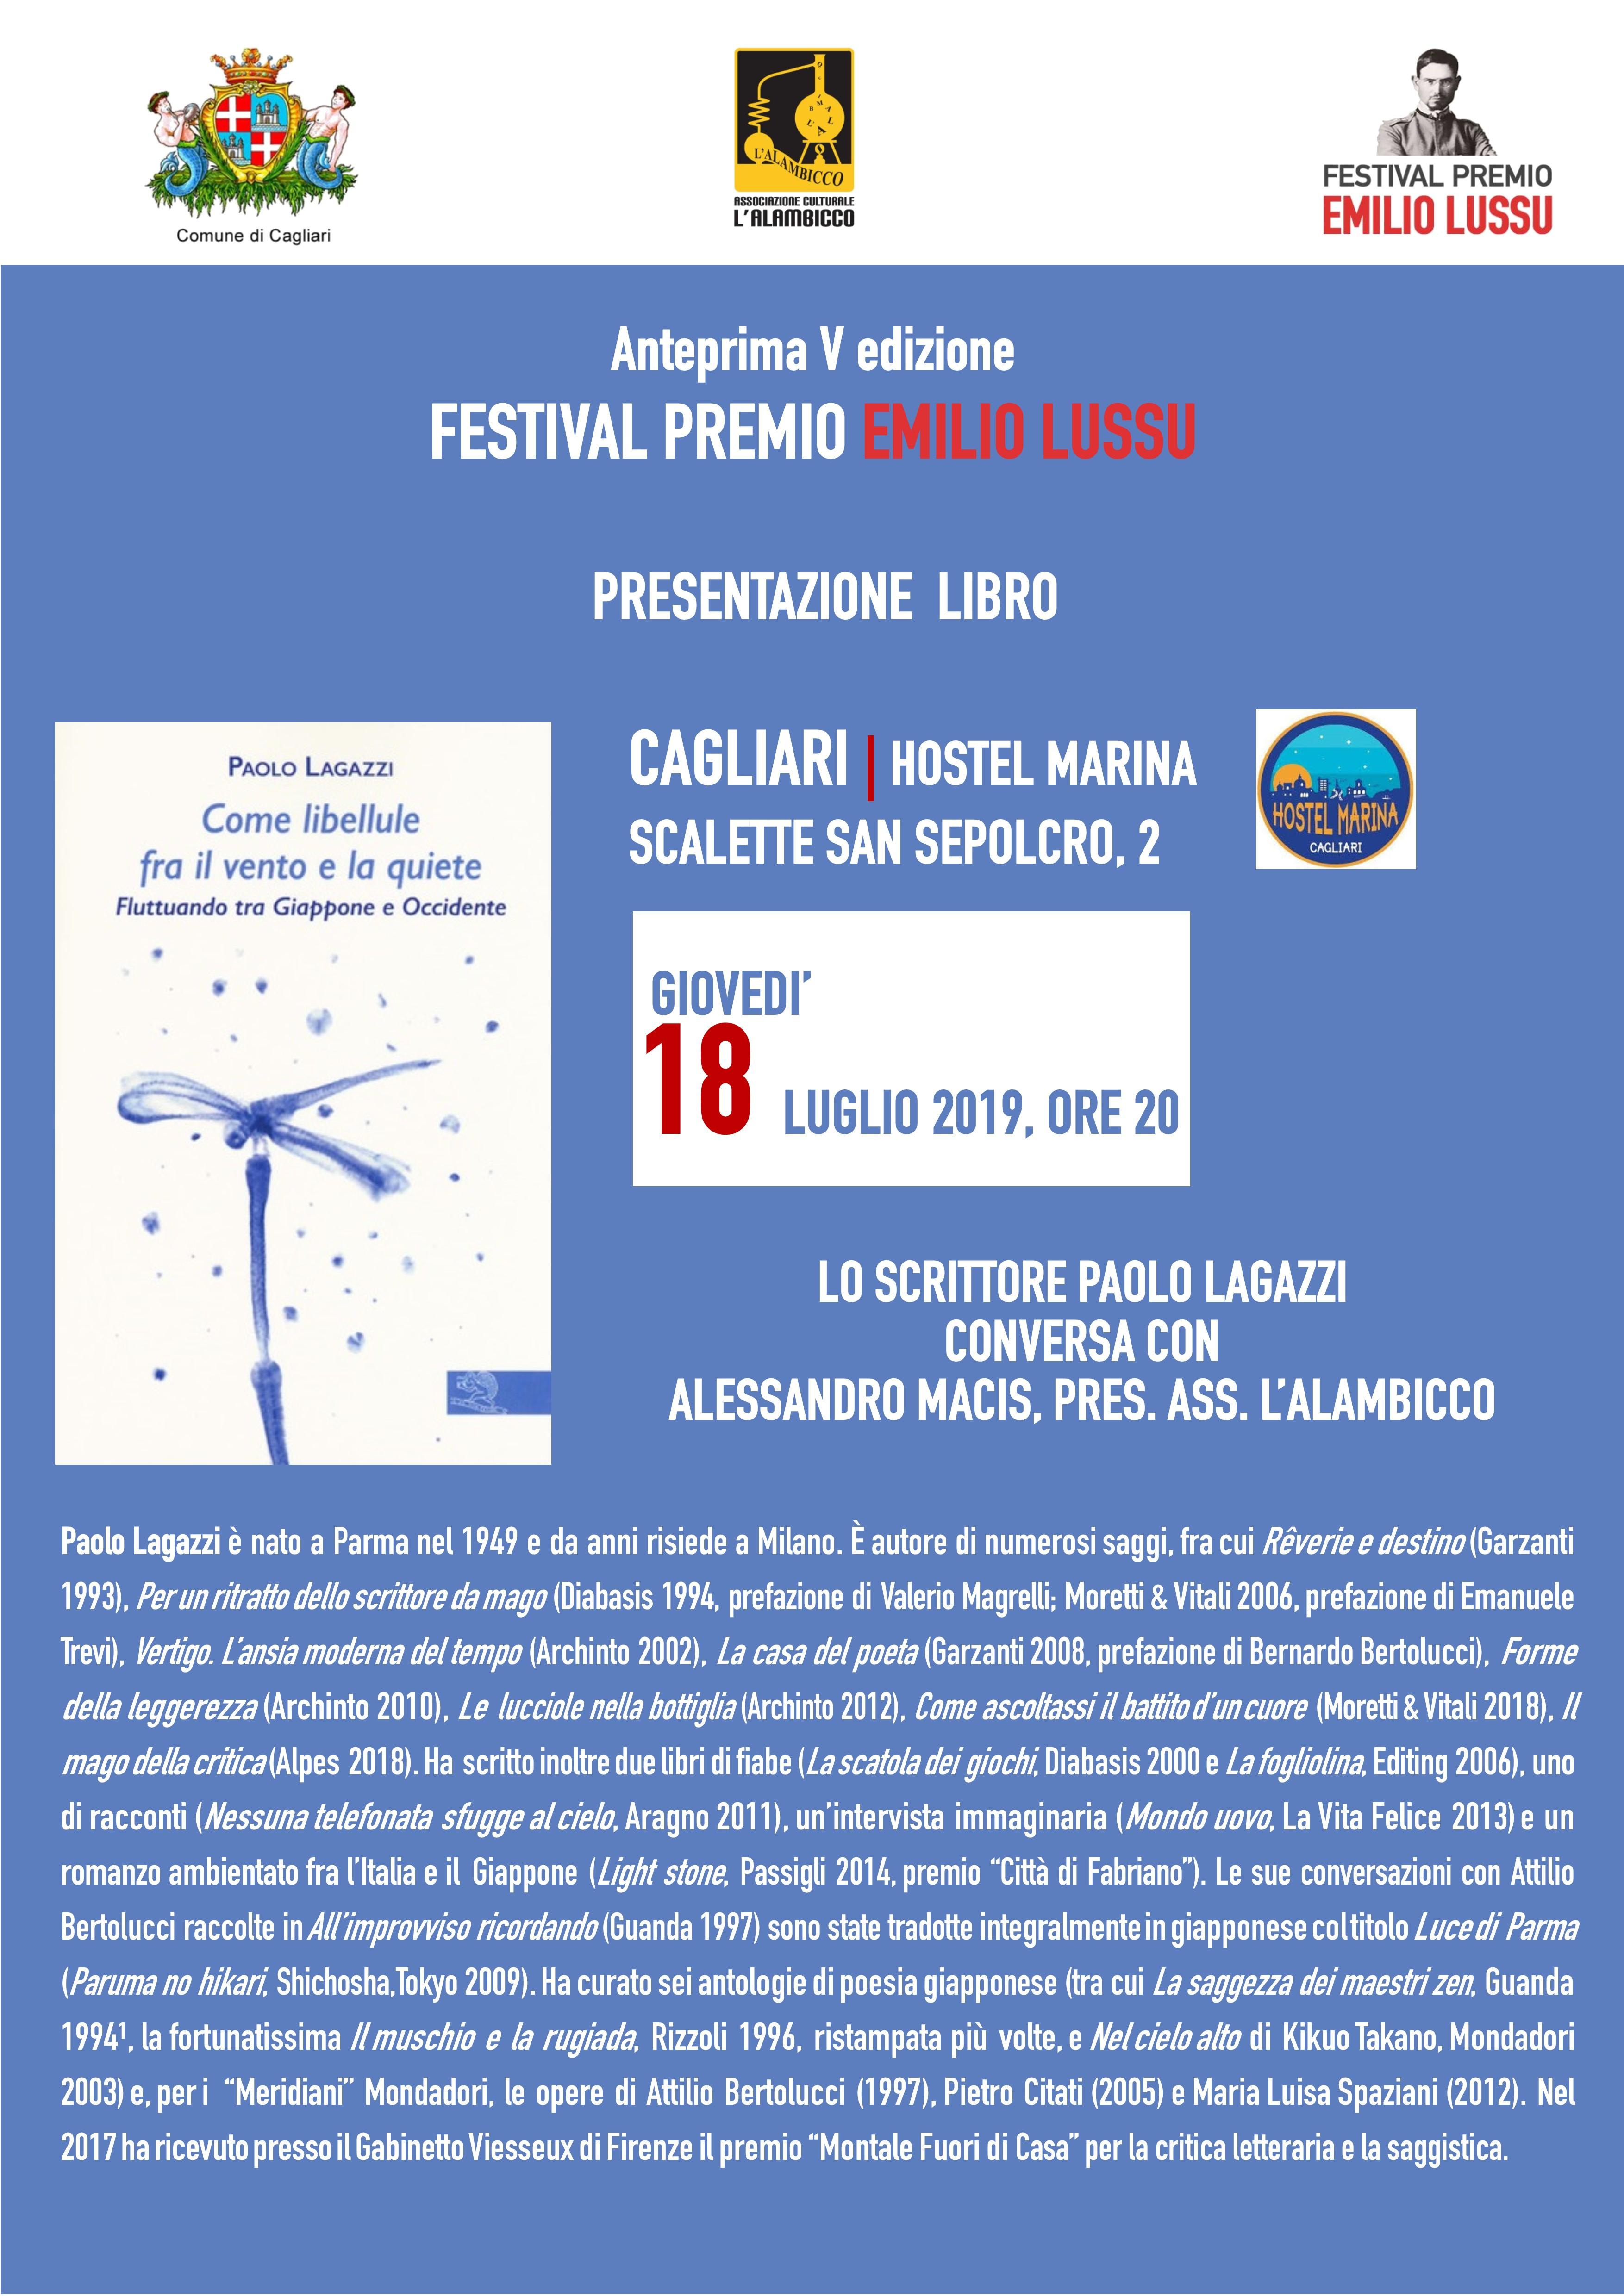 Anteprima Festival – Presentazione Del Libro Di Paolo Lagazzi